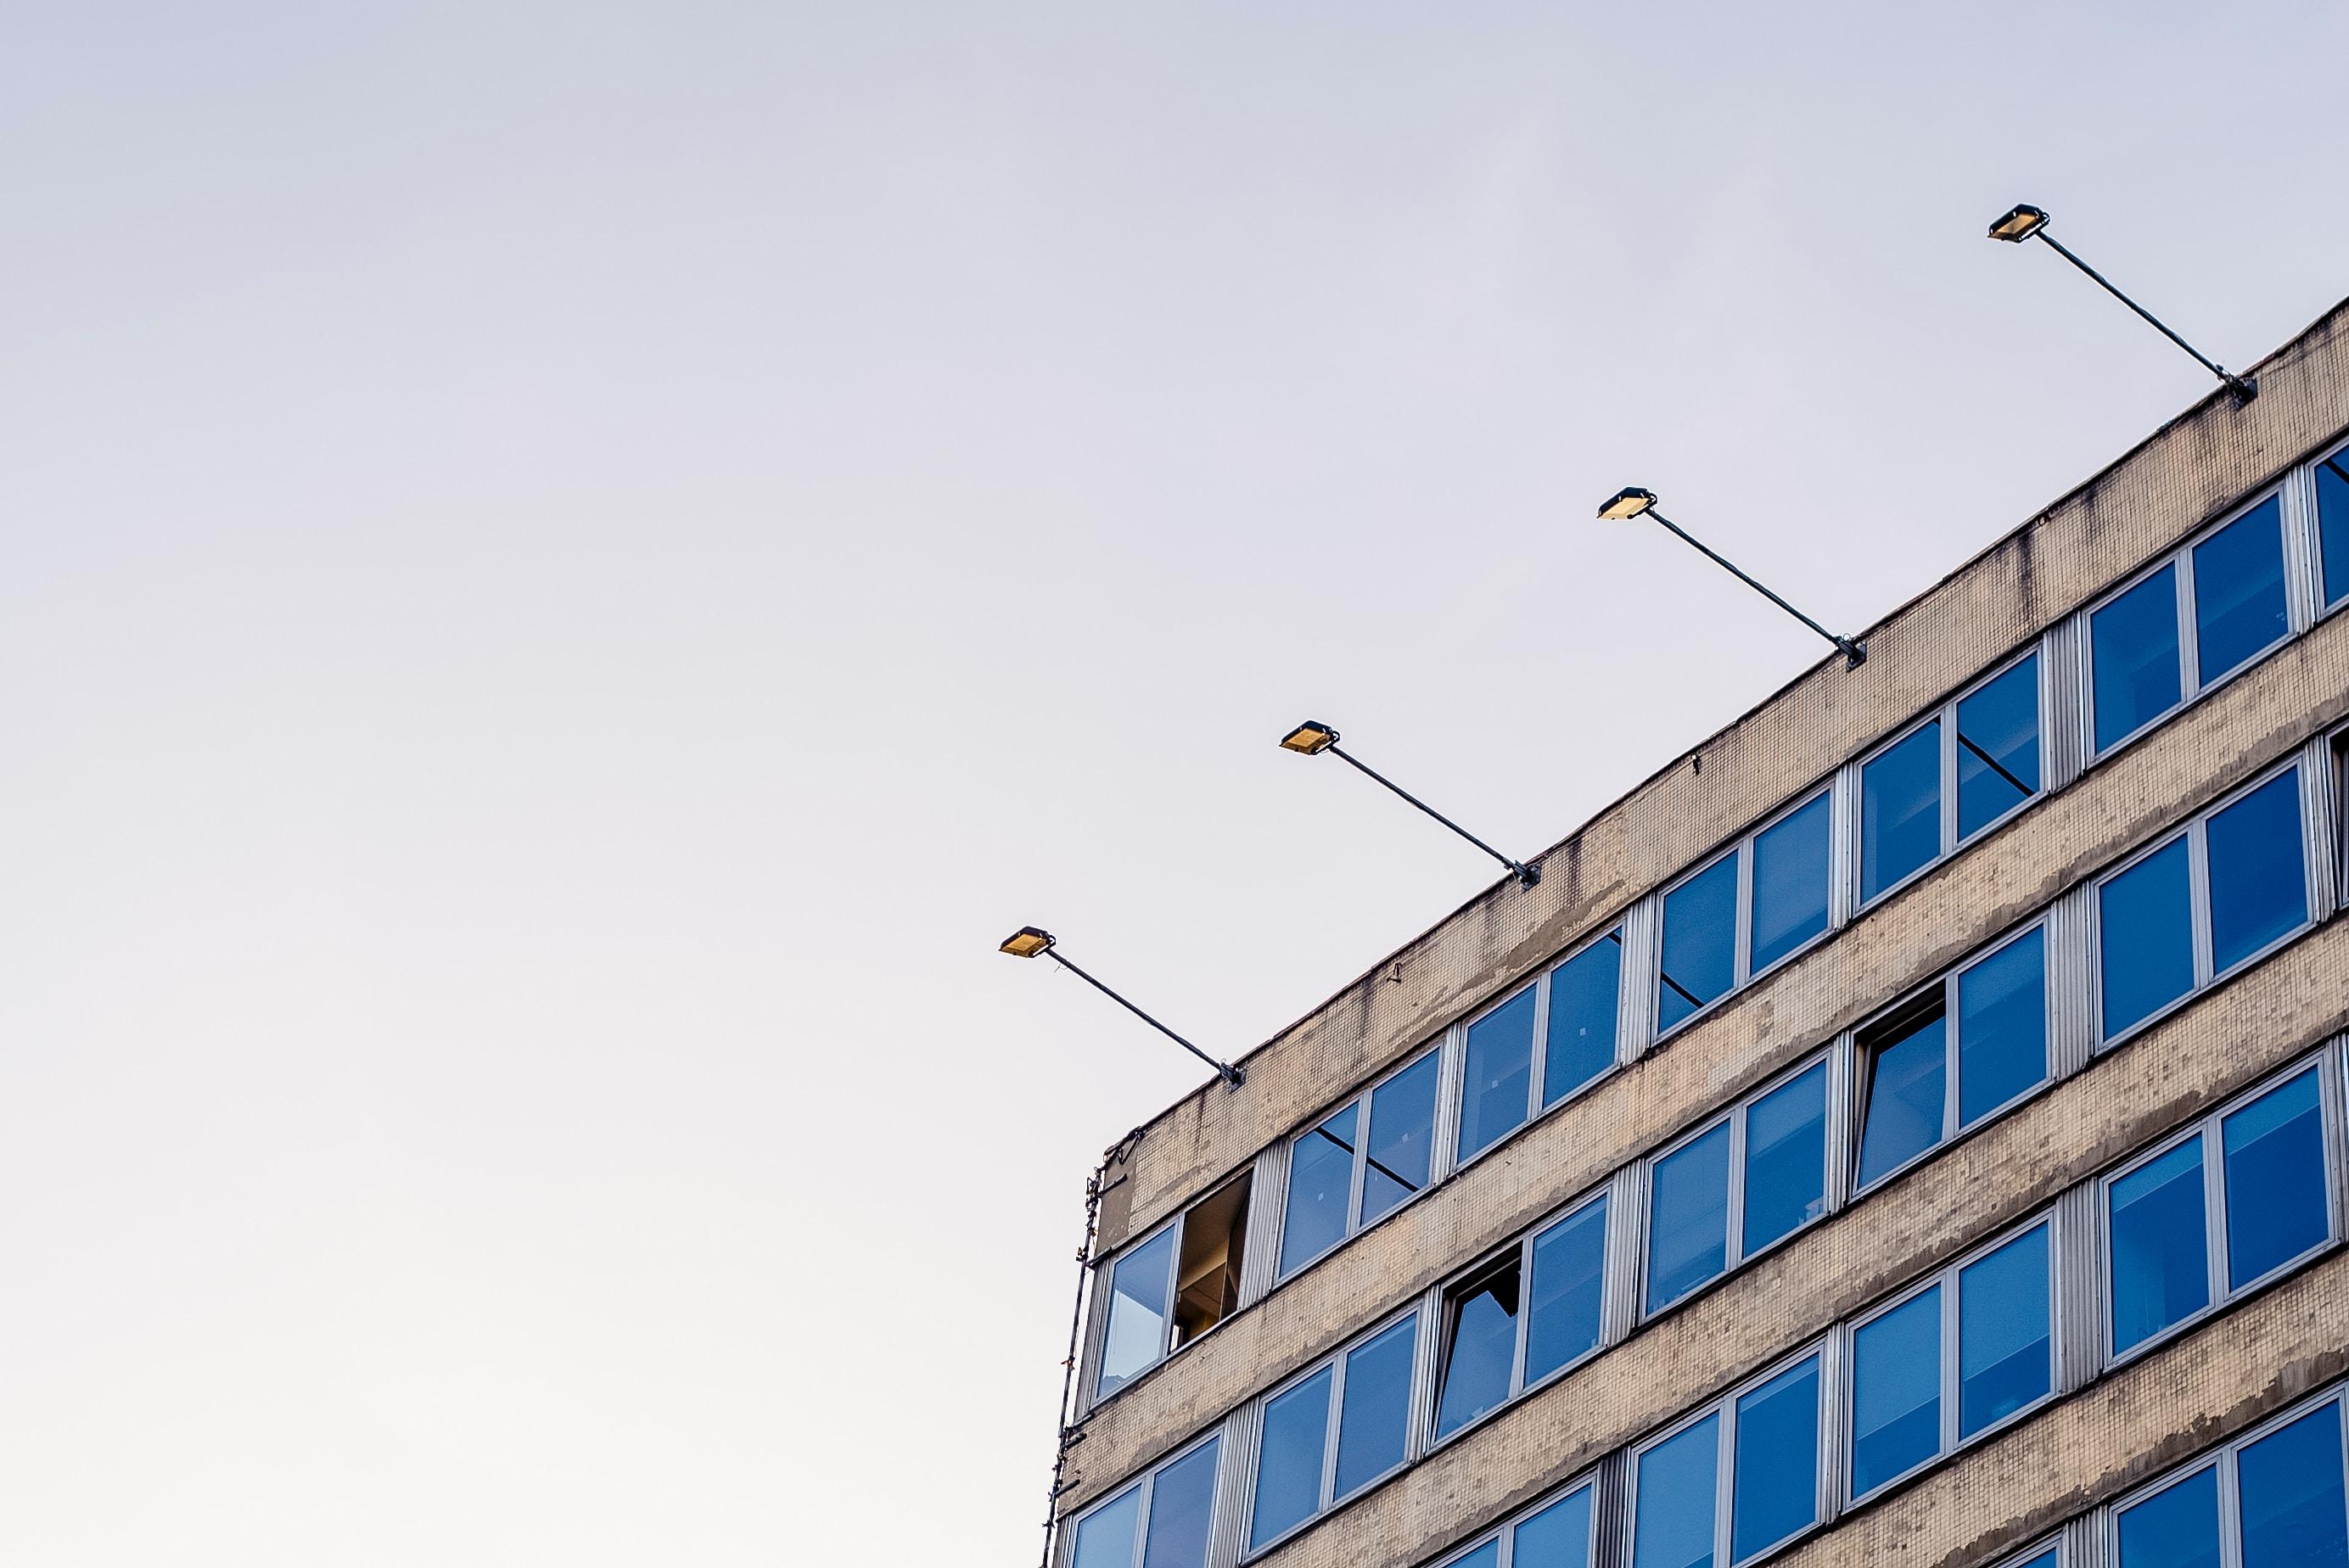 Liste der besten Hausverwaltungen in Pforzheim